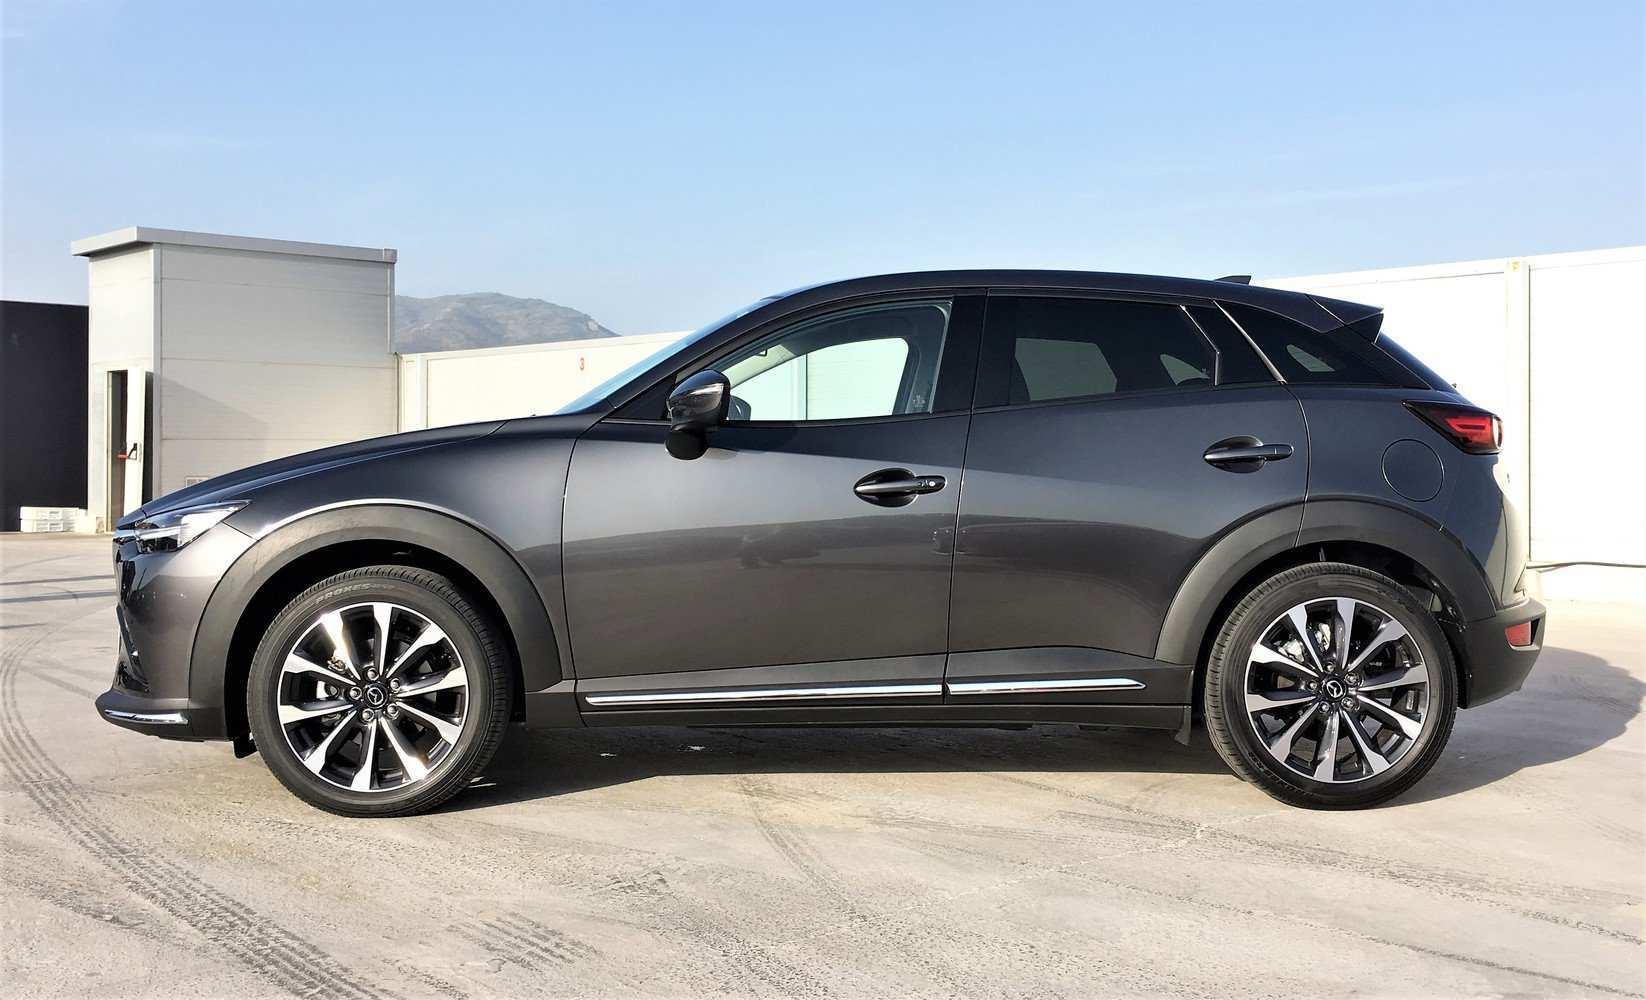 48 Gallery of Mazda Neuheiten 2020 Prices with Mazda Neuheiten 2020